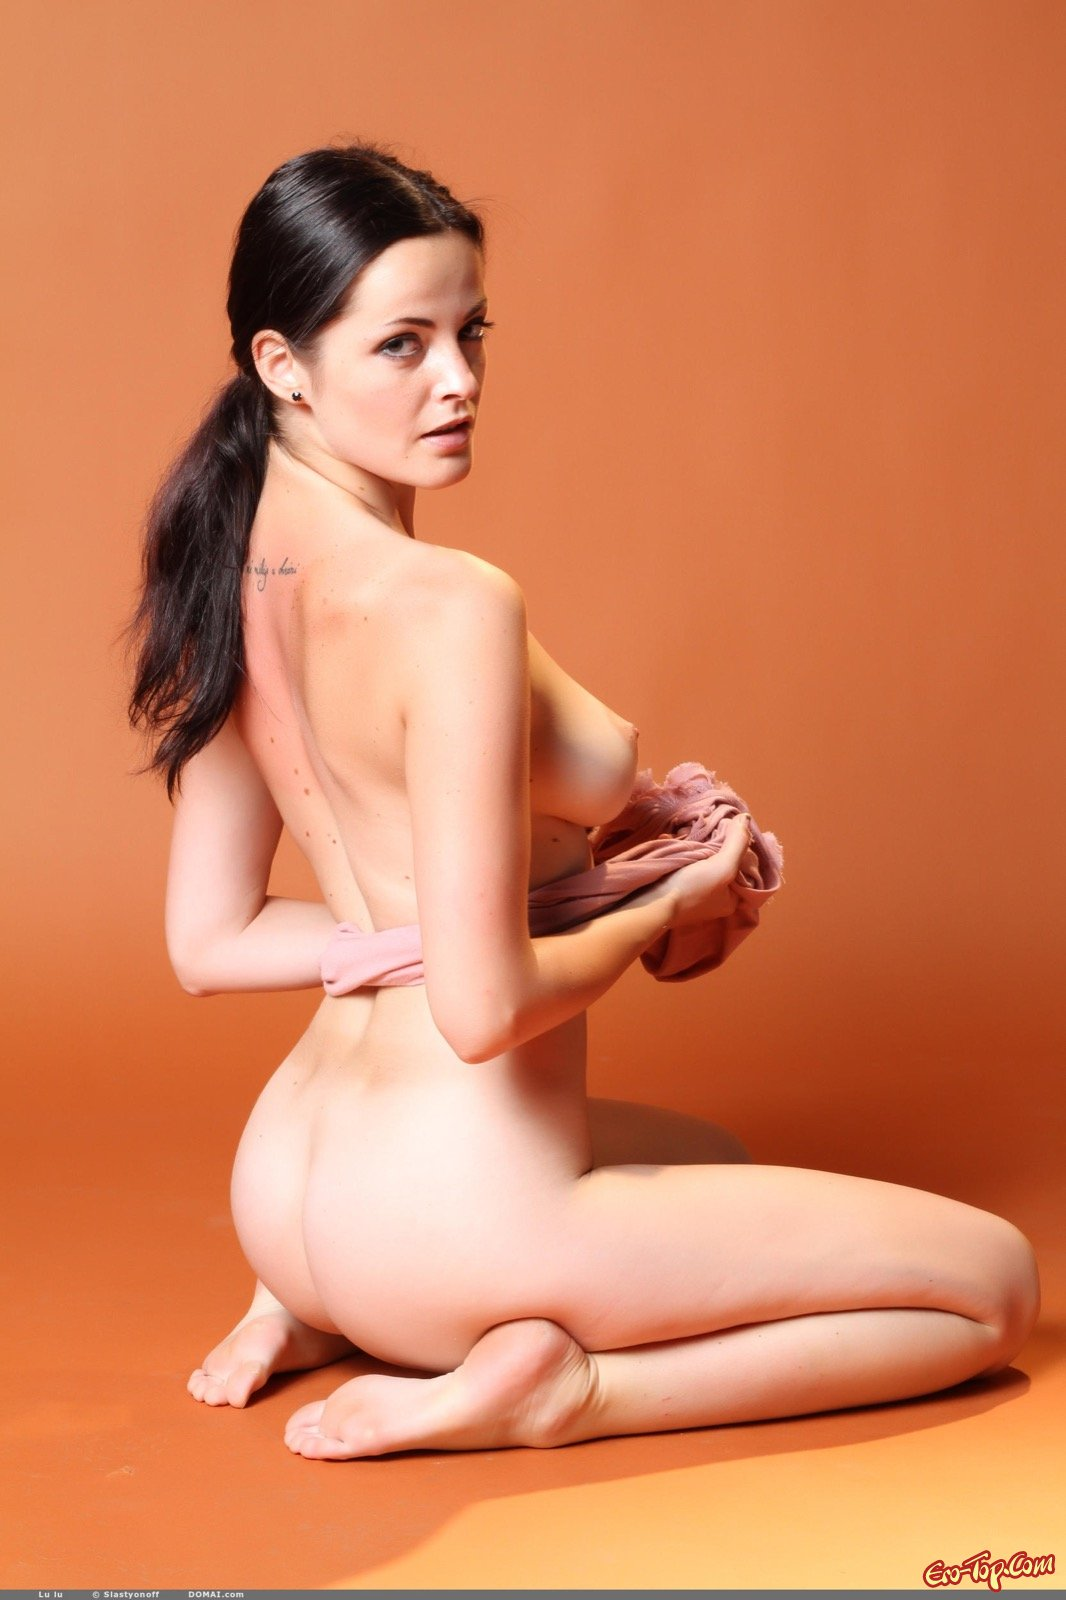 Симпатичная девушка засвечивает натуральные сиськи